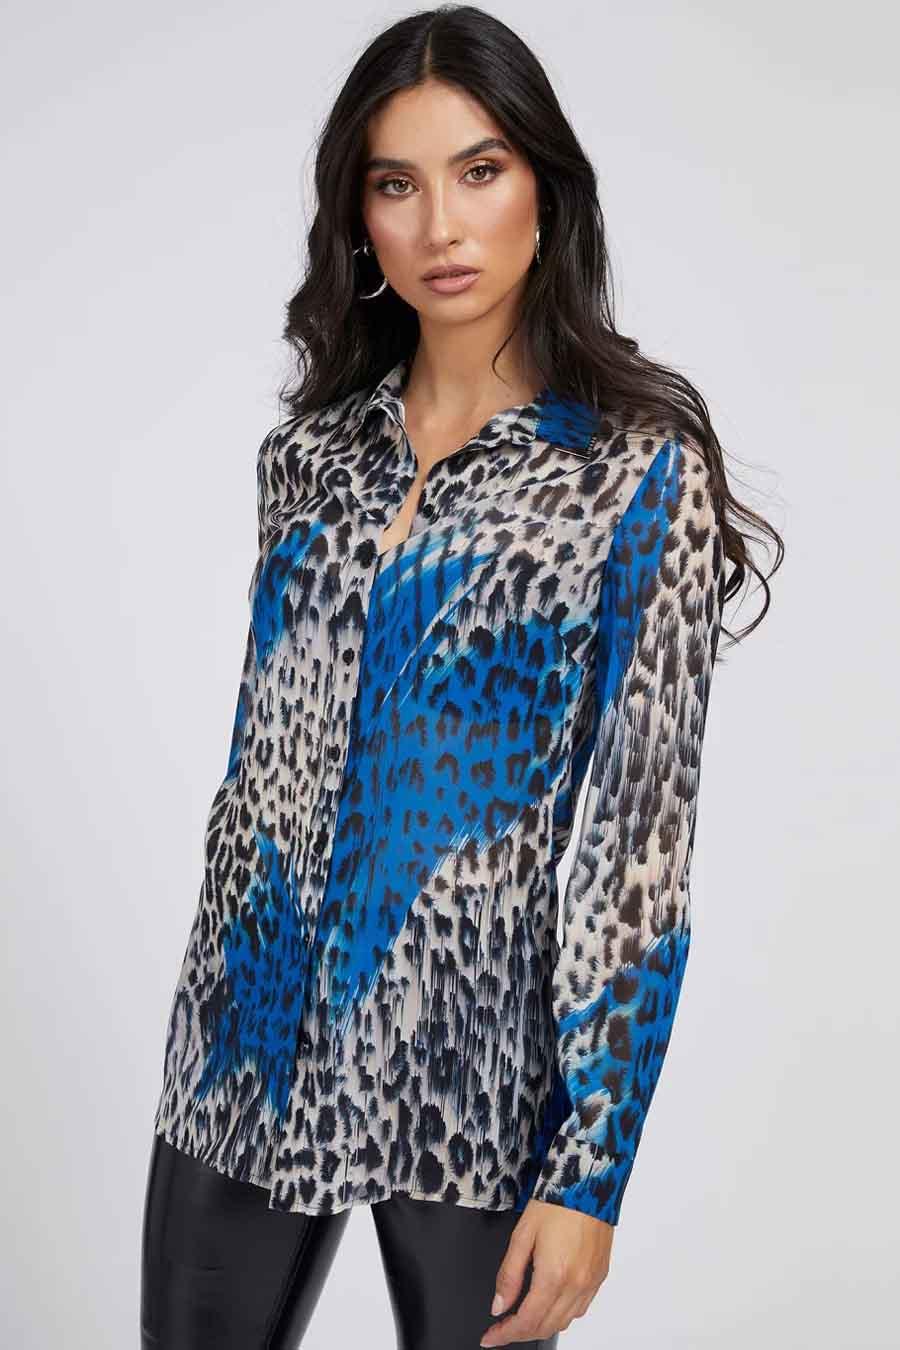 Guess® Blouse lange mouwen, Multicolor, Dames, Maat: L/M/S/XL/XS